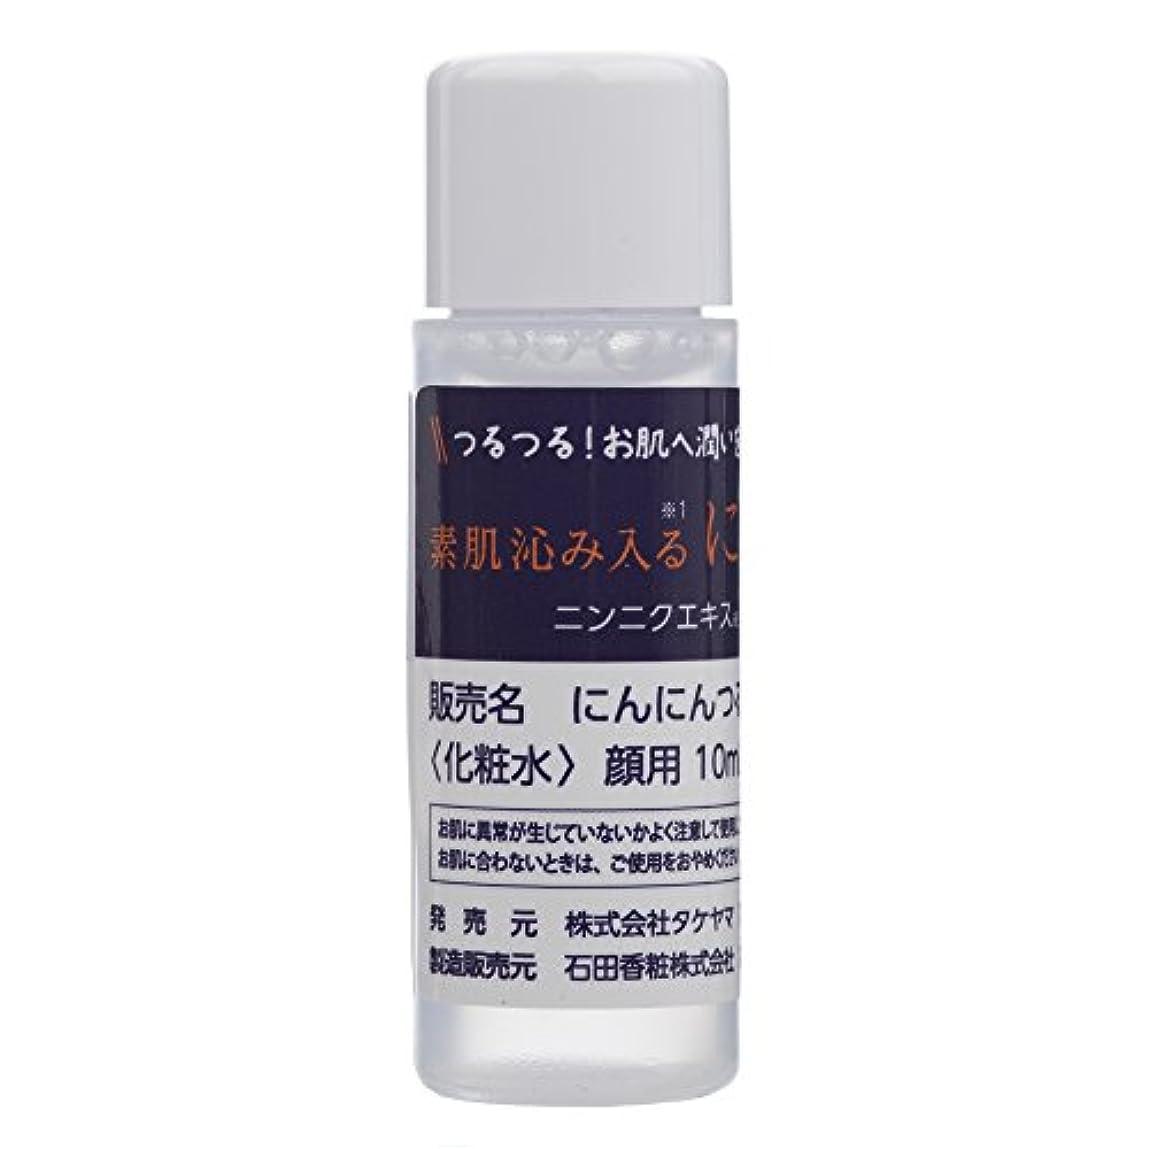 砂消えるクライマックスにんにんつるり お肌の健康と潤いを保つ化粧水です。 10ml